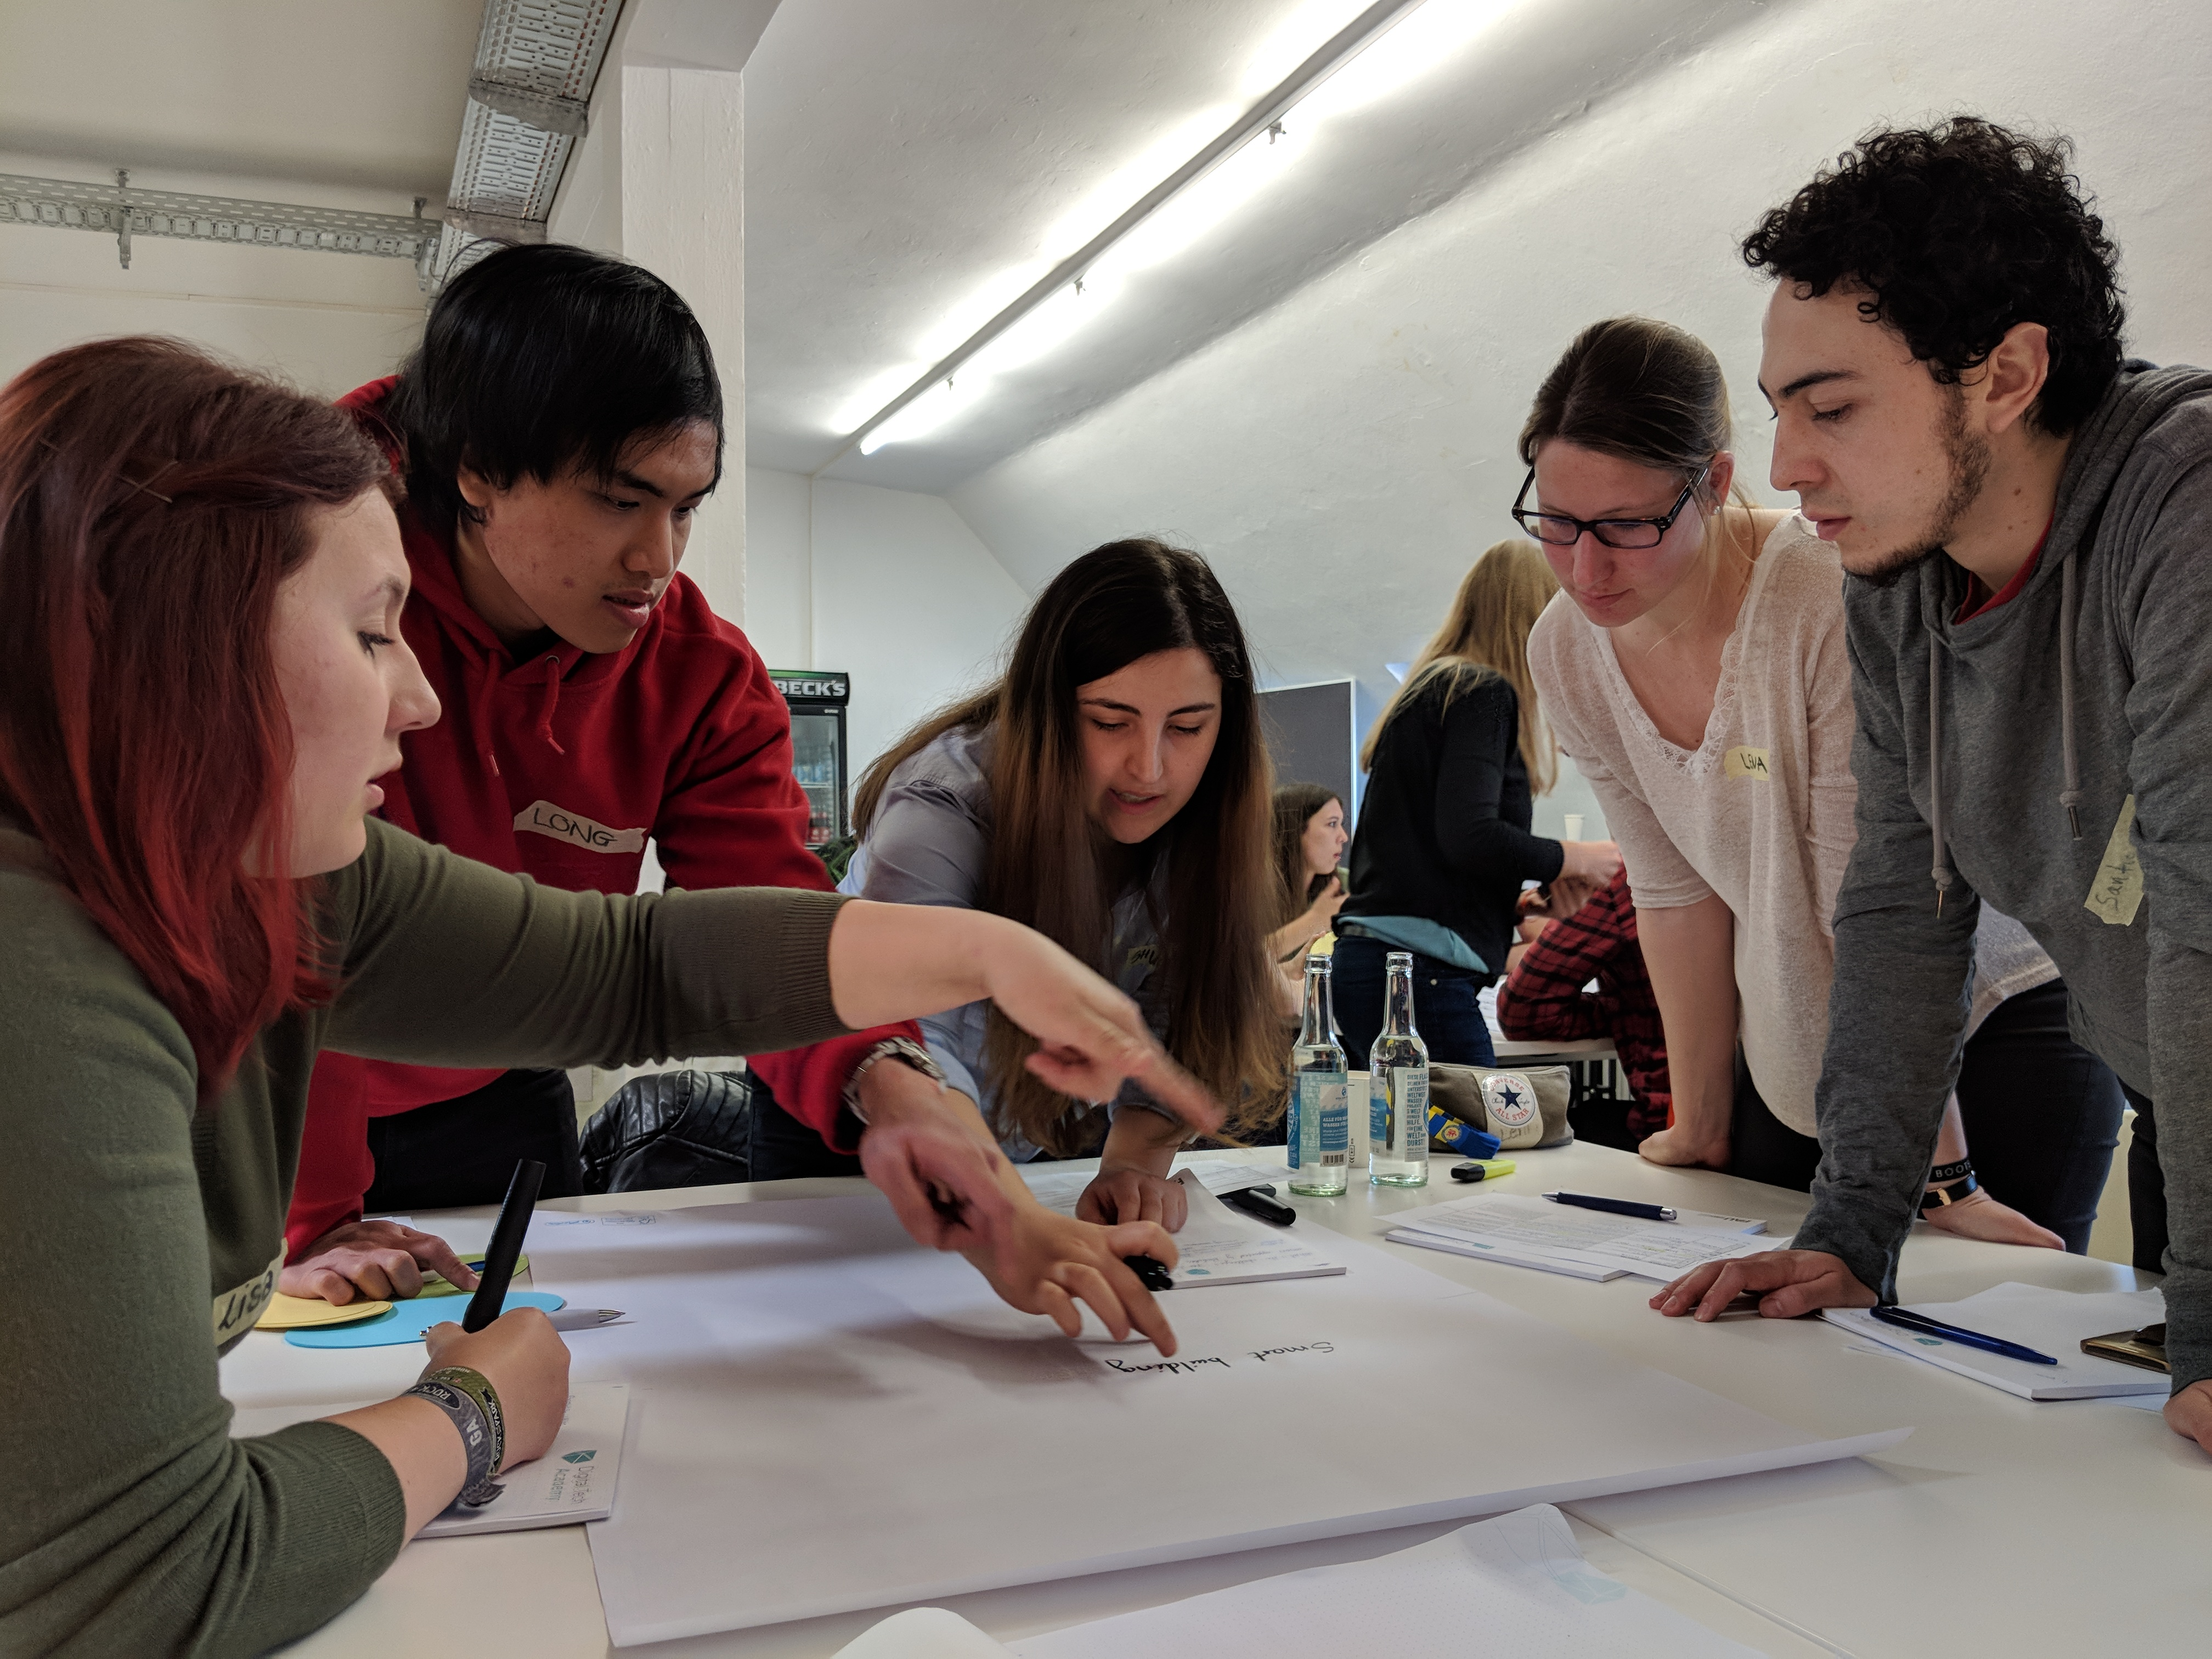 Eine Gruppe Studierender arbeitet gemeinsam an einem auf einem Tisch liegenden Chart.